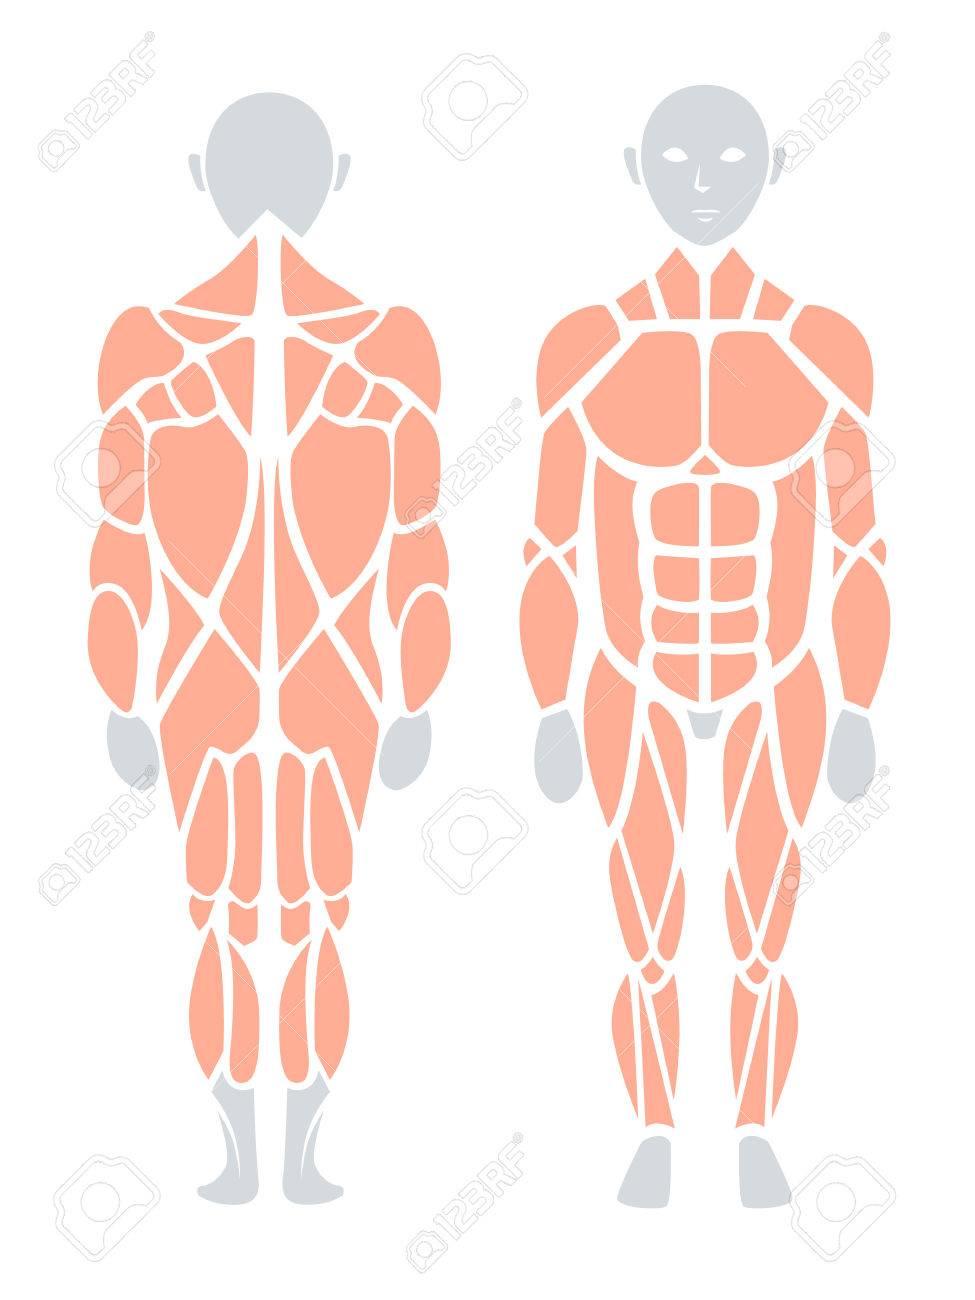 Anatomie Des Menschlichen Muskels In Rücken Und Vorderseite, Vektor ...